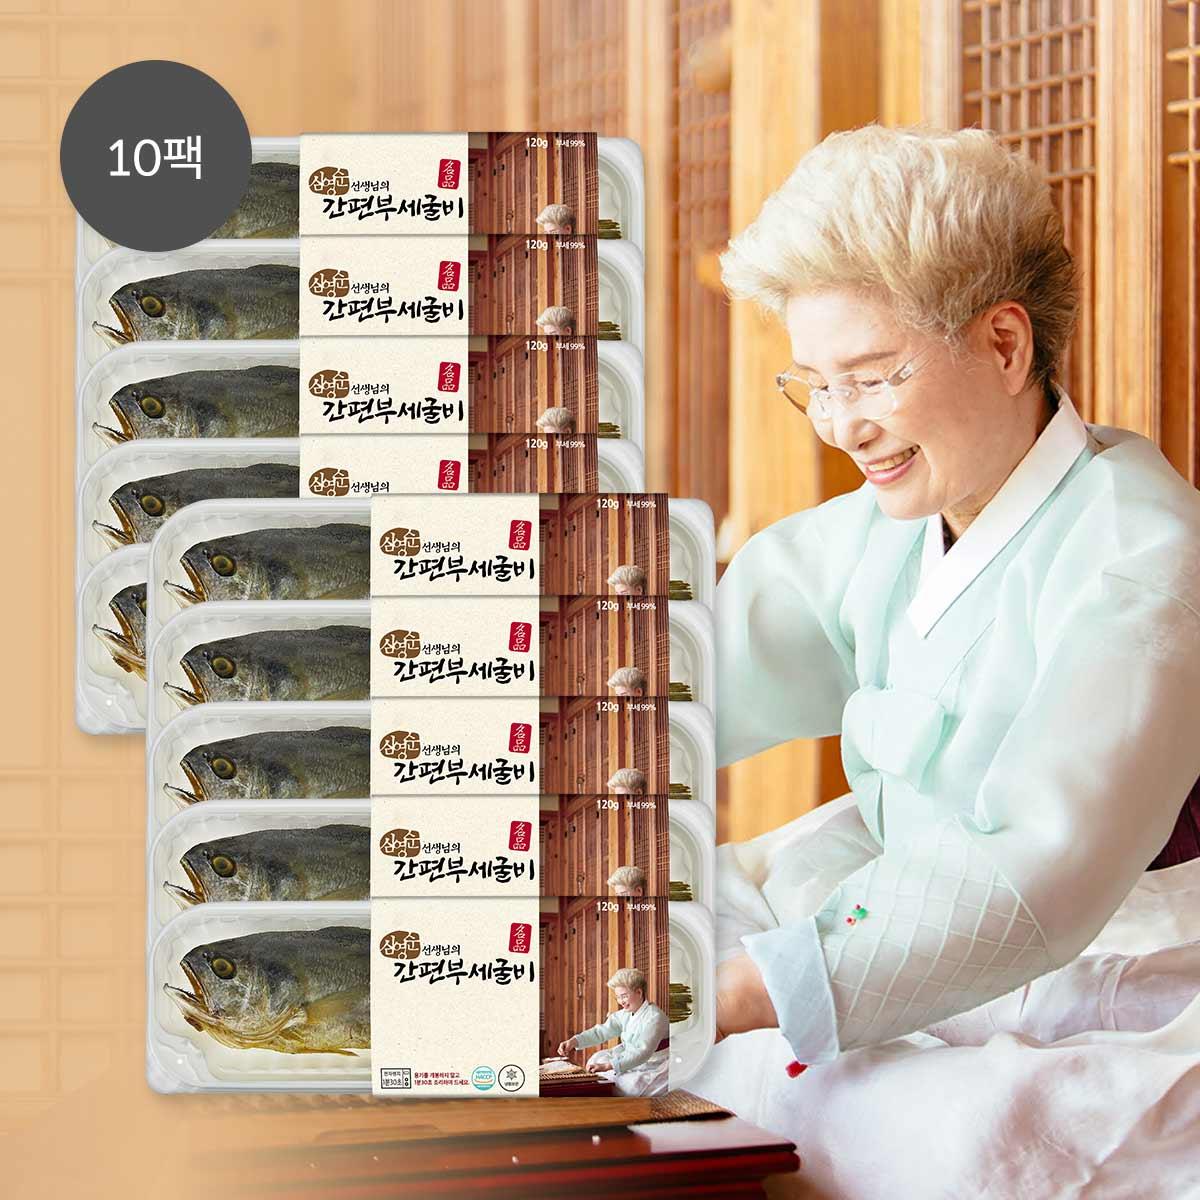 [신세계TV쇼핑][10/5일부터 순차적배송](전자레인지 1분 30초)심영순 선생님의 간편부세굴비 10팩(미당 28-30cm), 단일상품, 단일상품